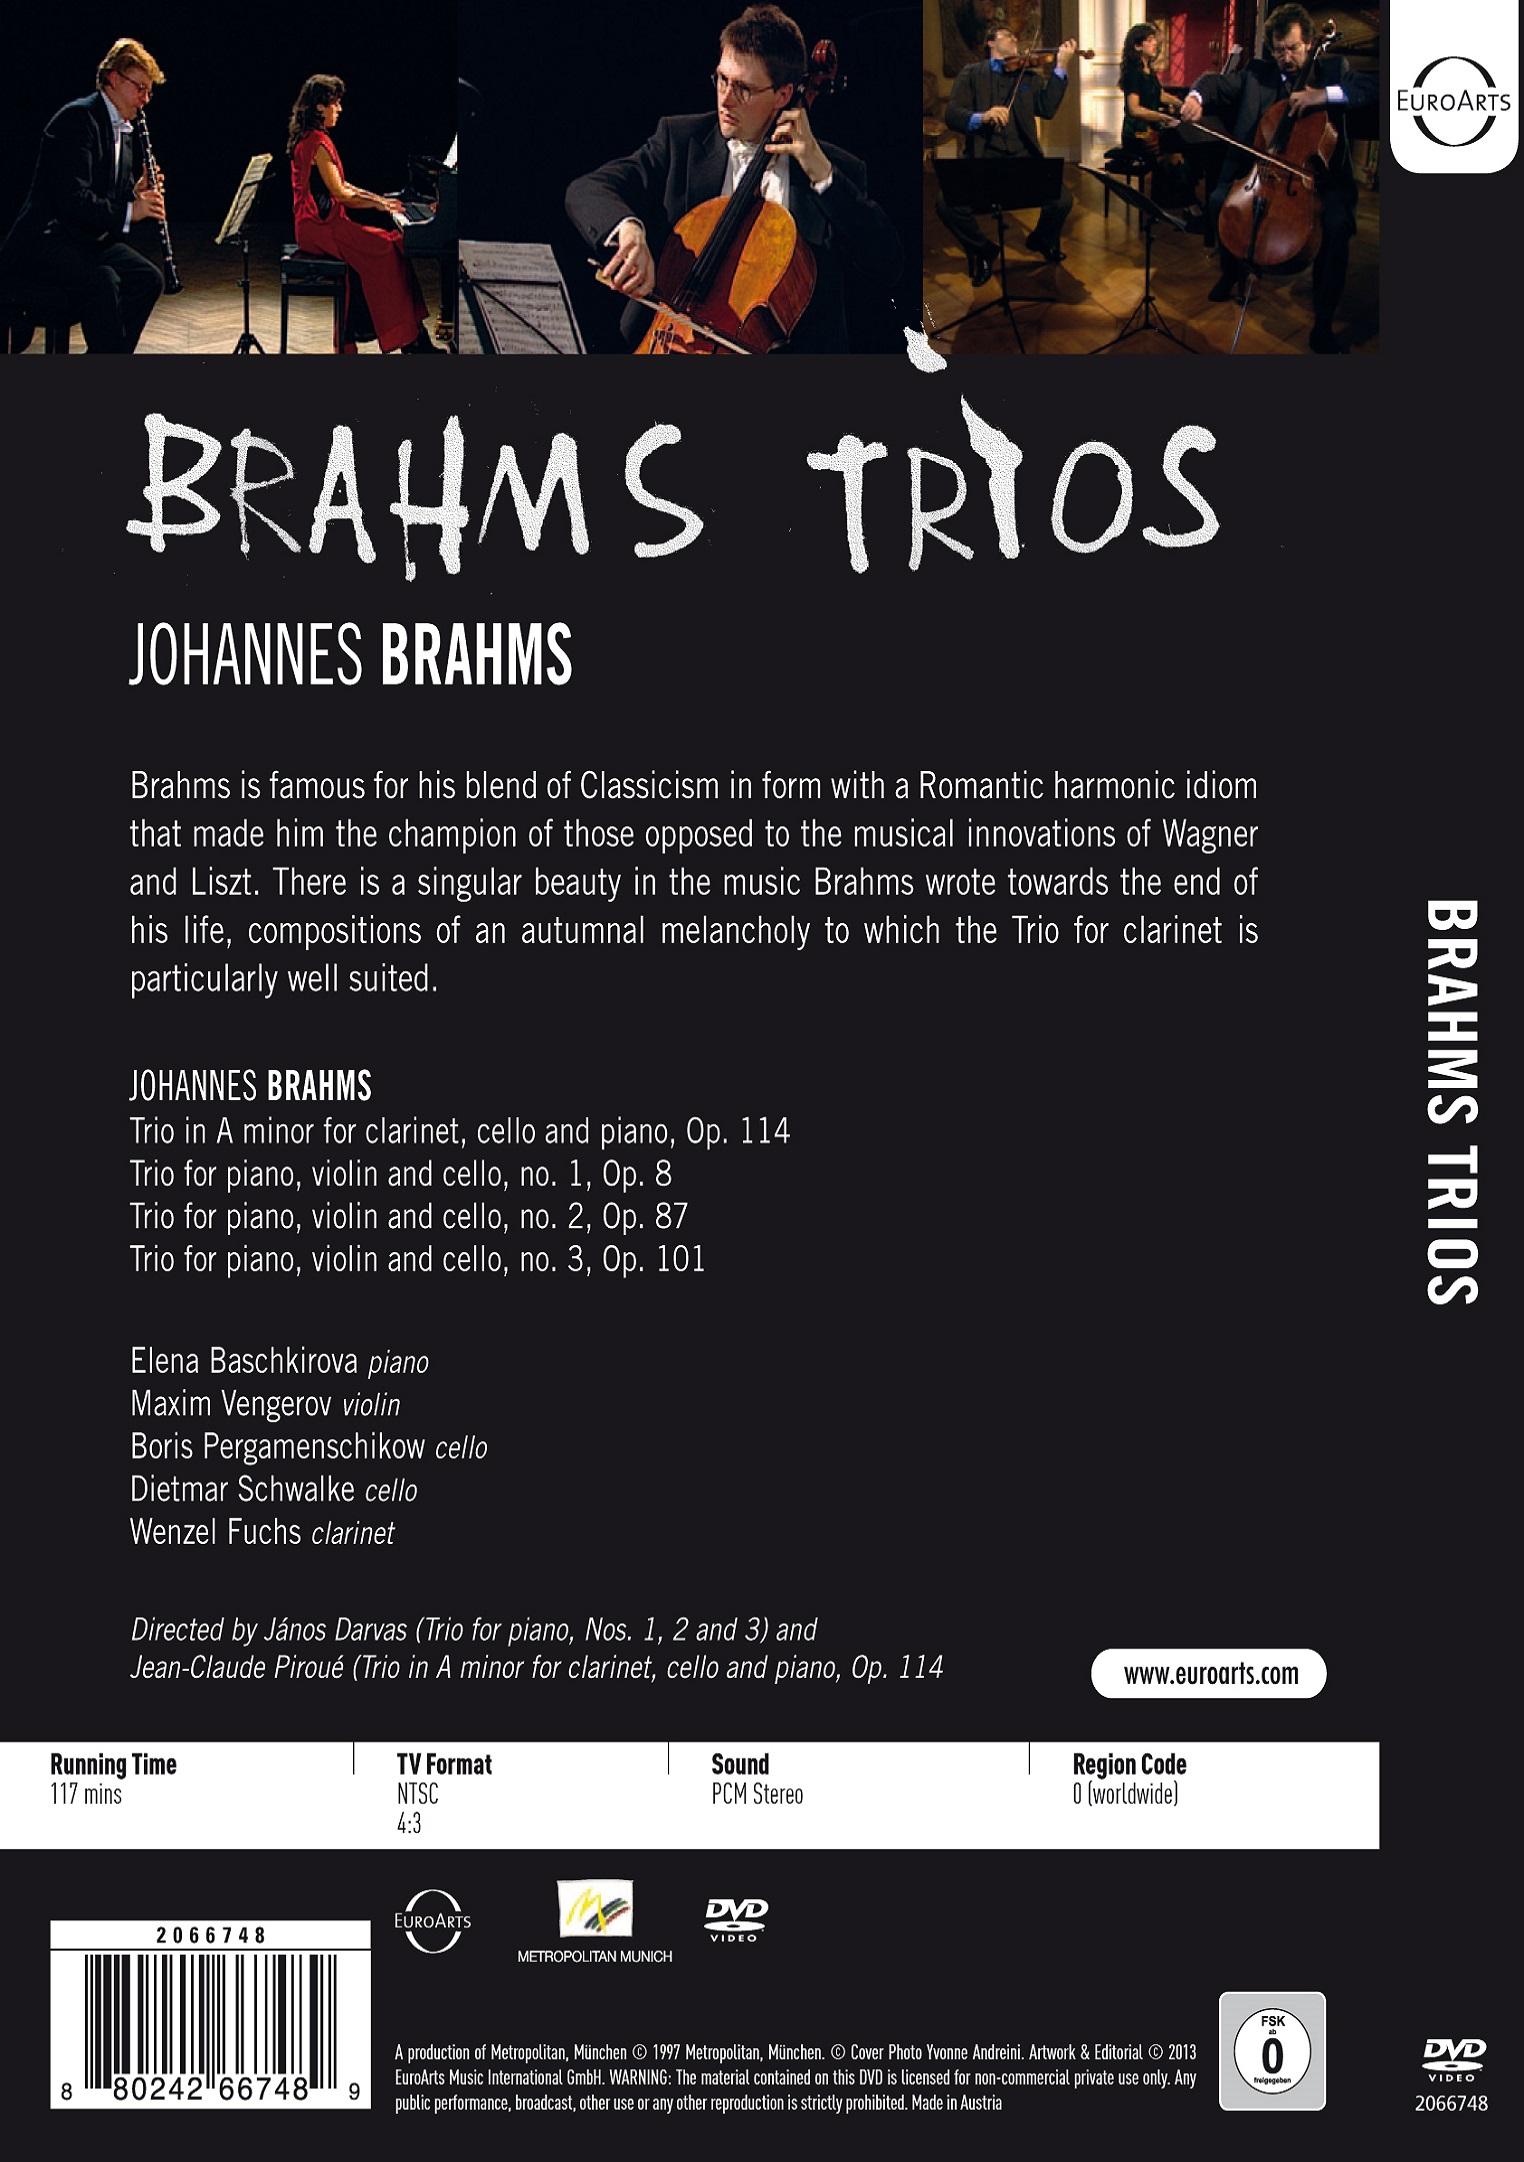 Brahms Trios - EUROARTS